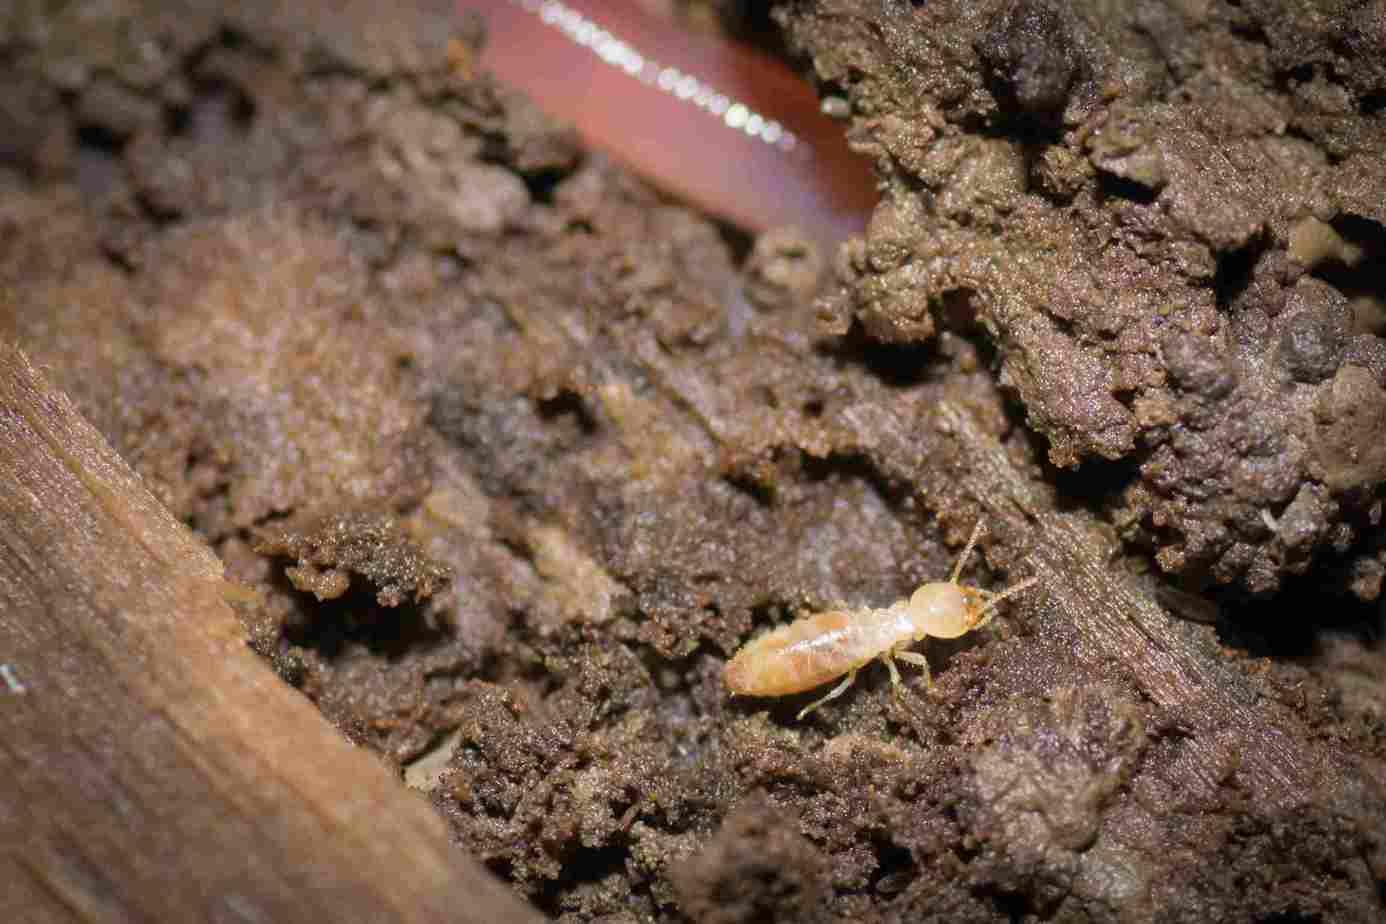 a-subterranean-termite